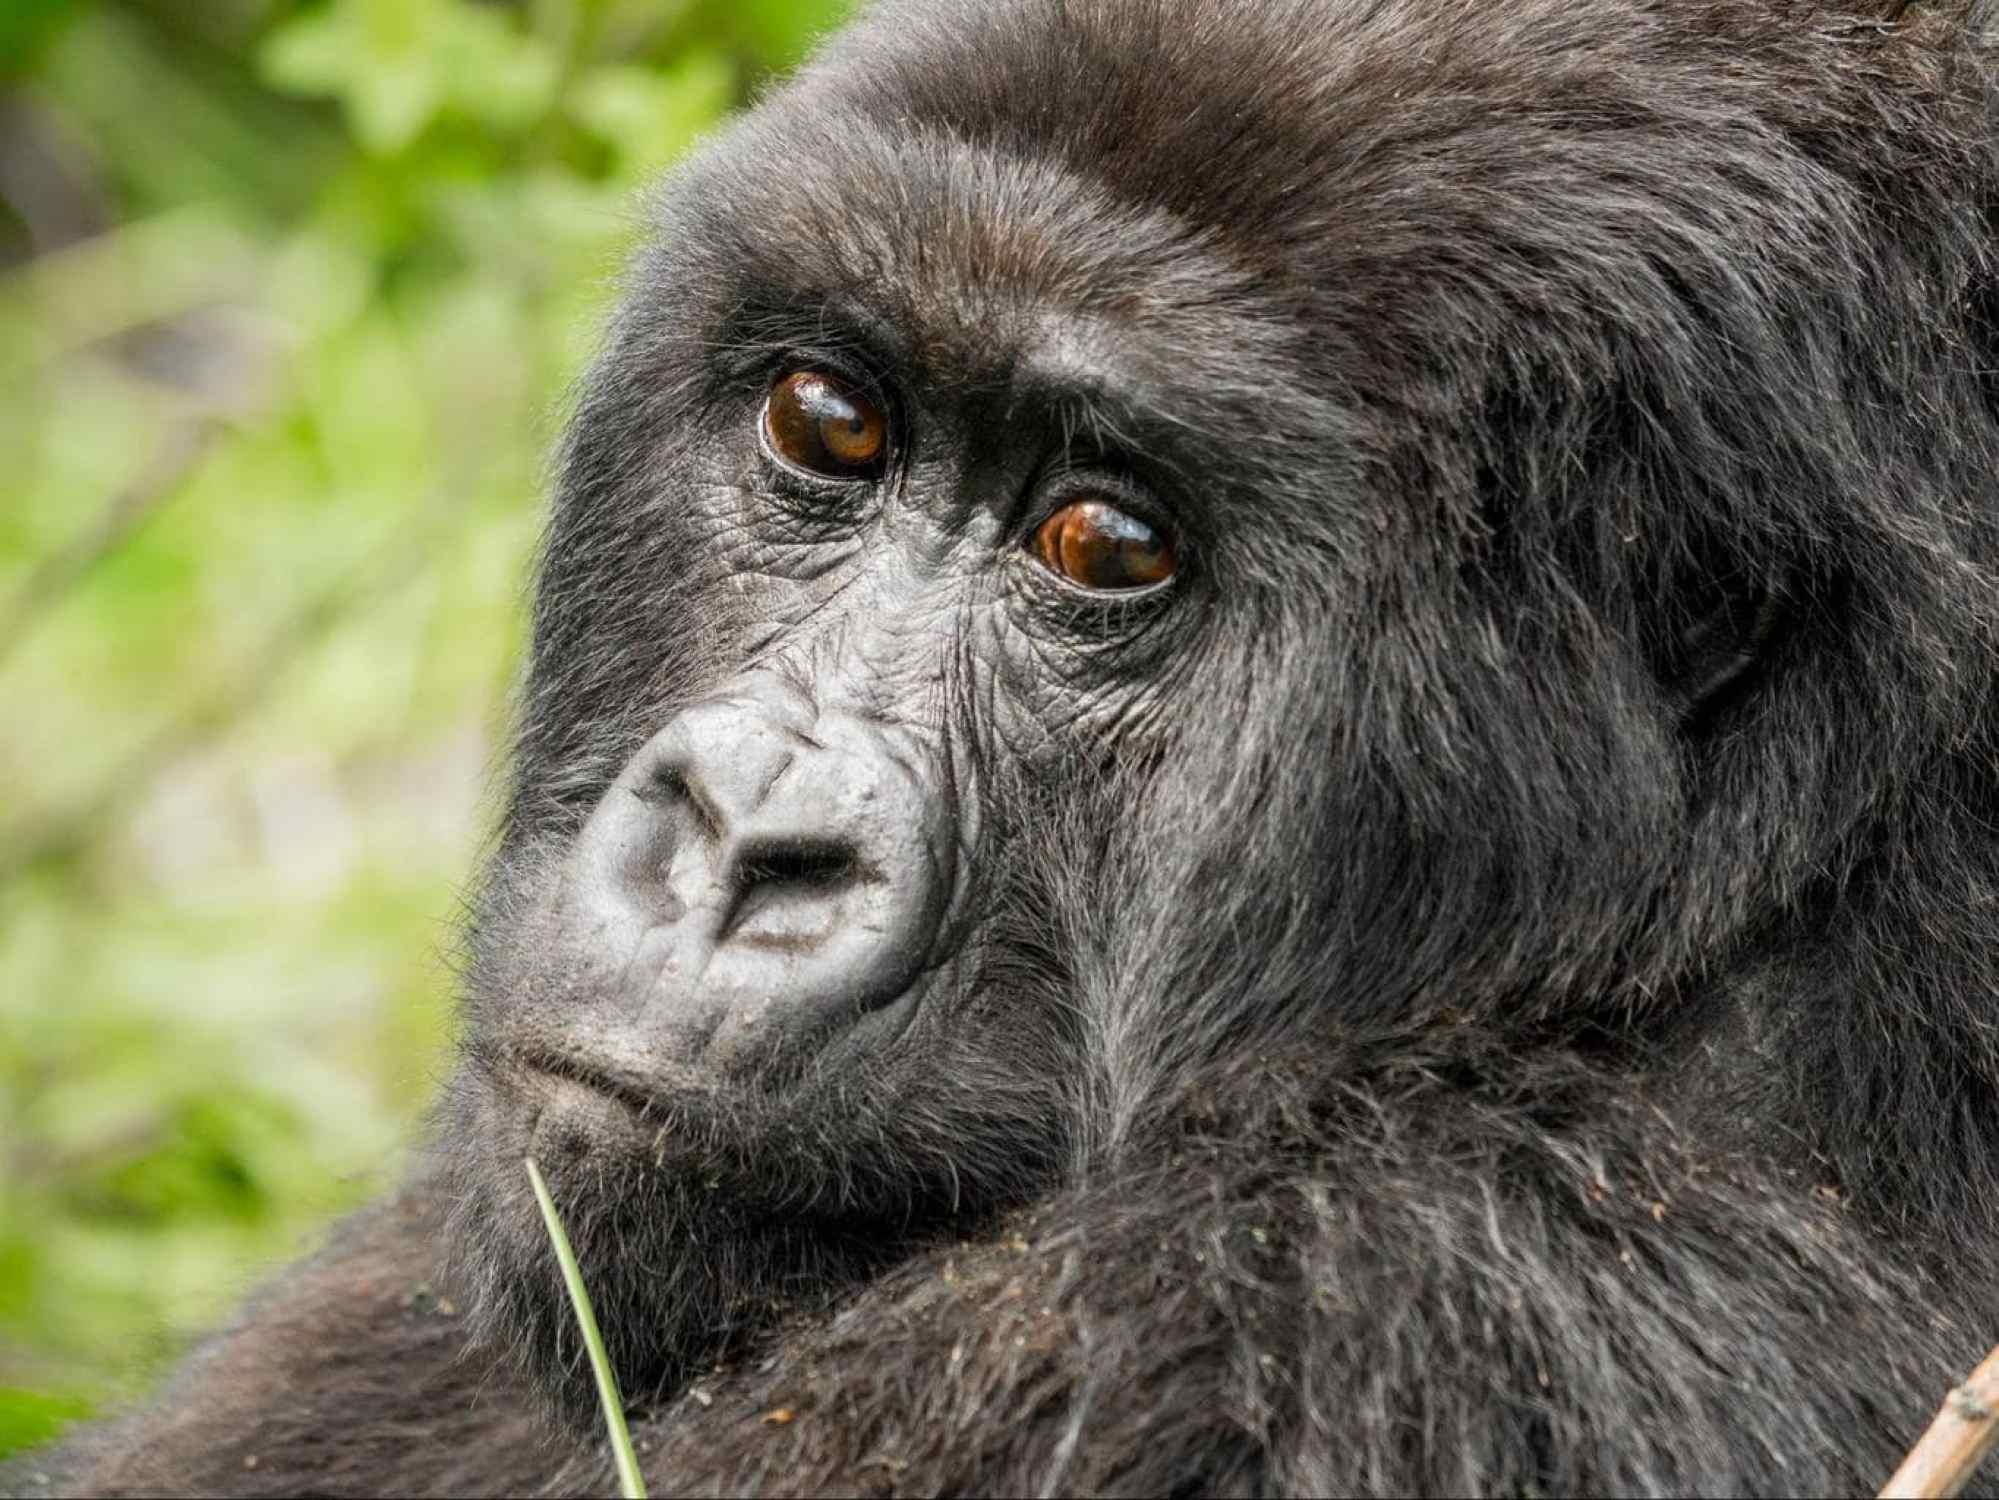 A female gorilla